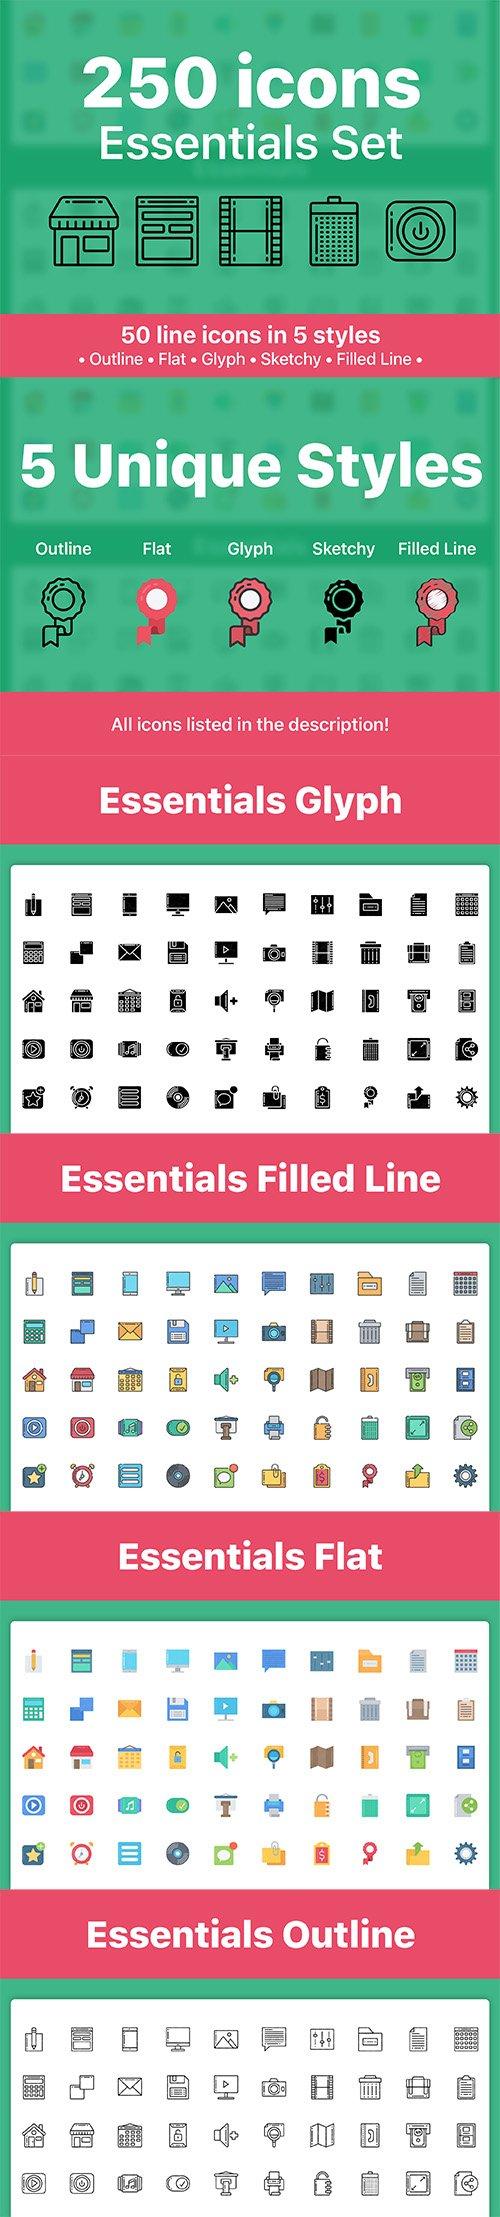 250 Essentials Icons!